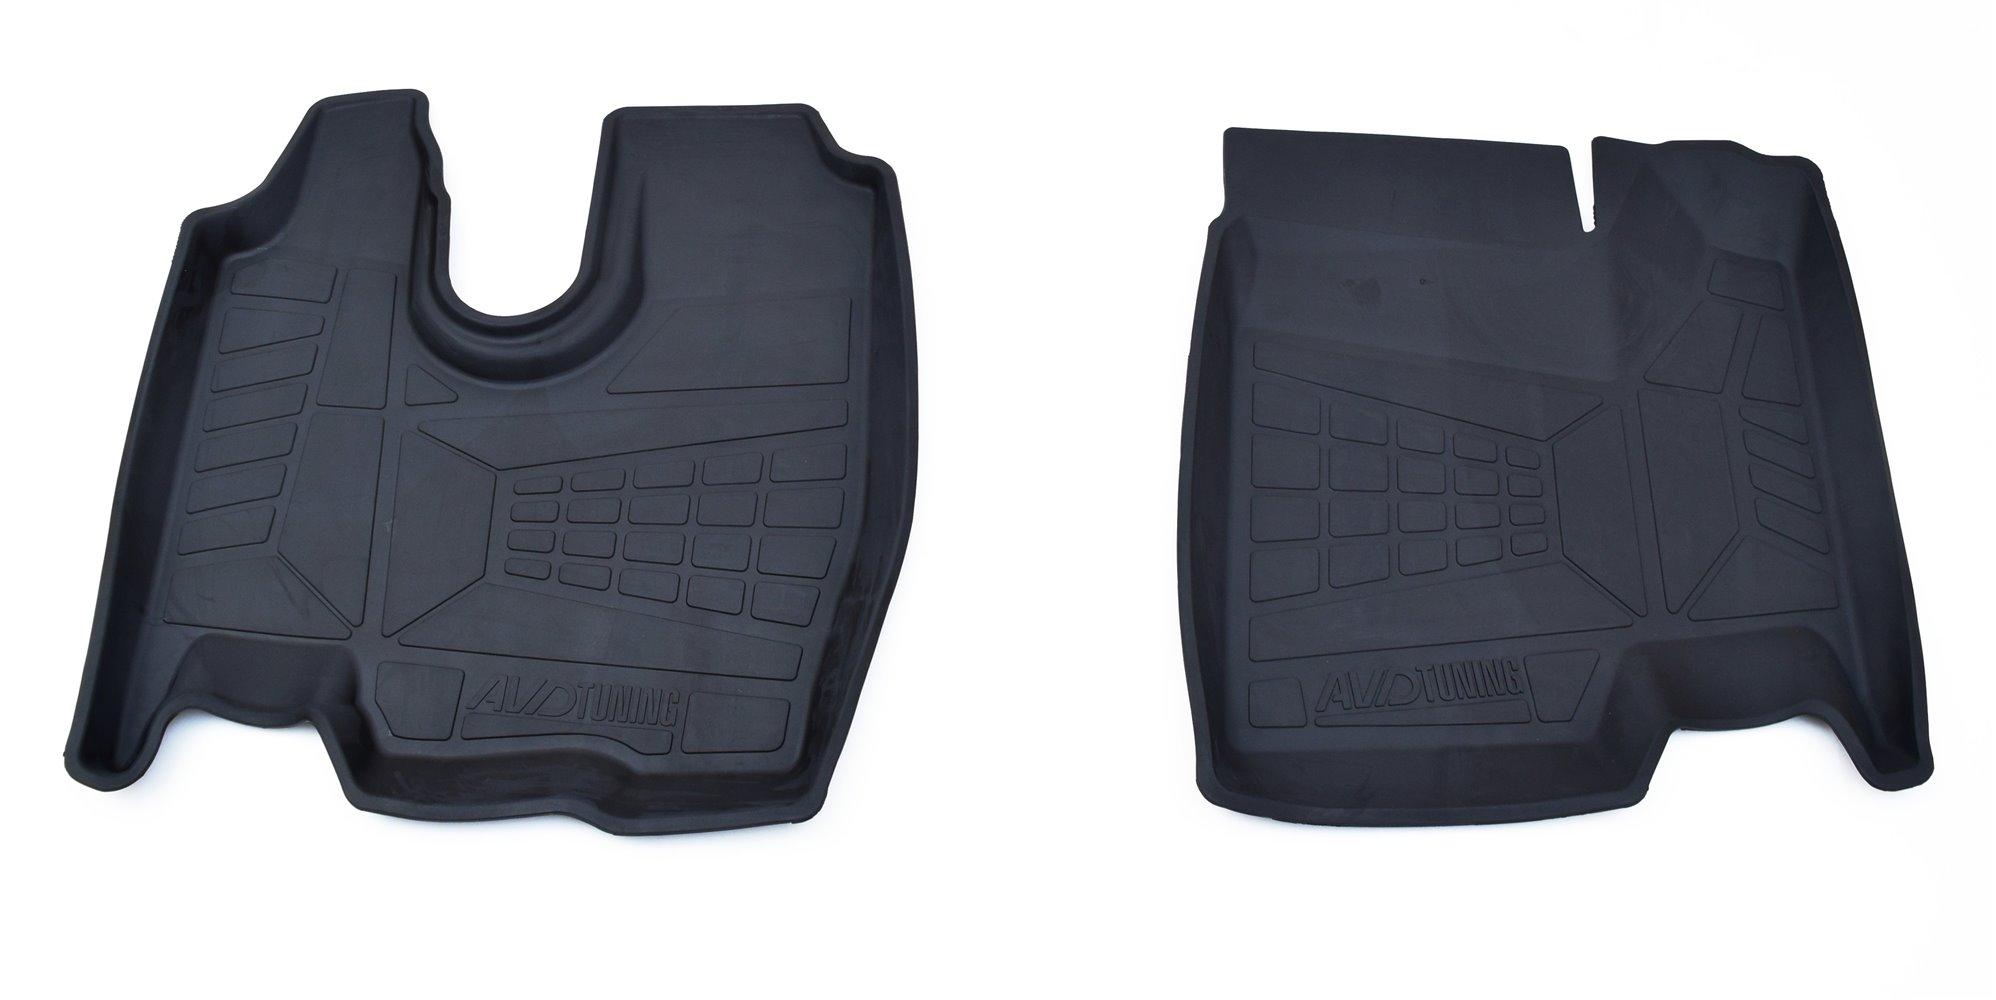 Коврики в салон автомобиля Avtodriver резиновые с бортиком для Chevrolet Nivа (2002-), Adrplr0232, черный коврики салона avtodriver для renault duster передний привод 2011 adrjet023 резиновые с бортиком черный